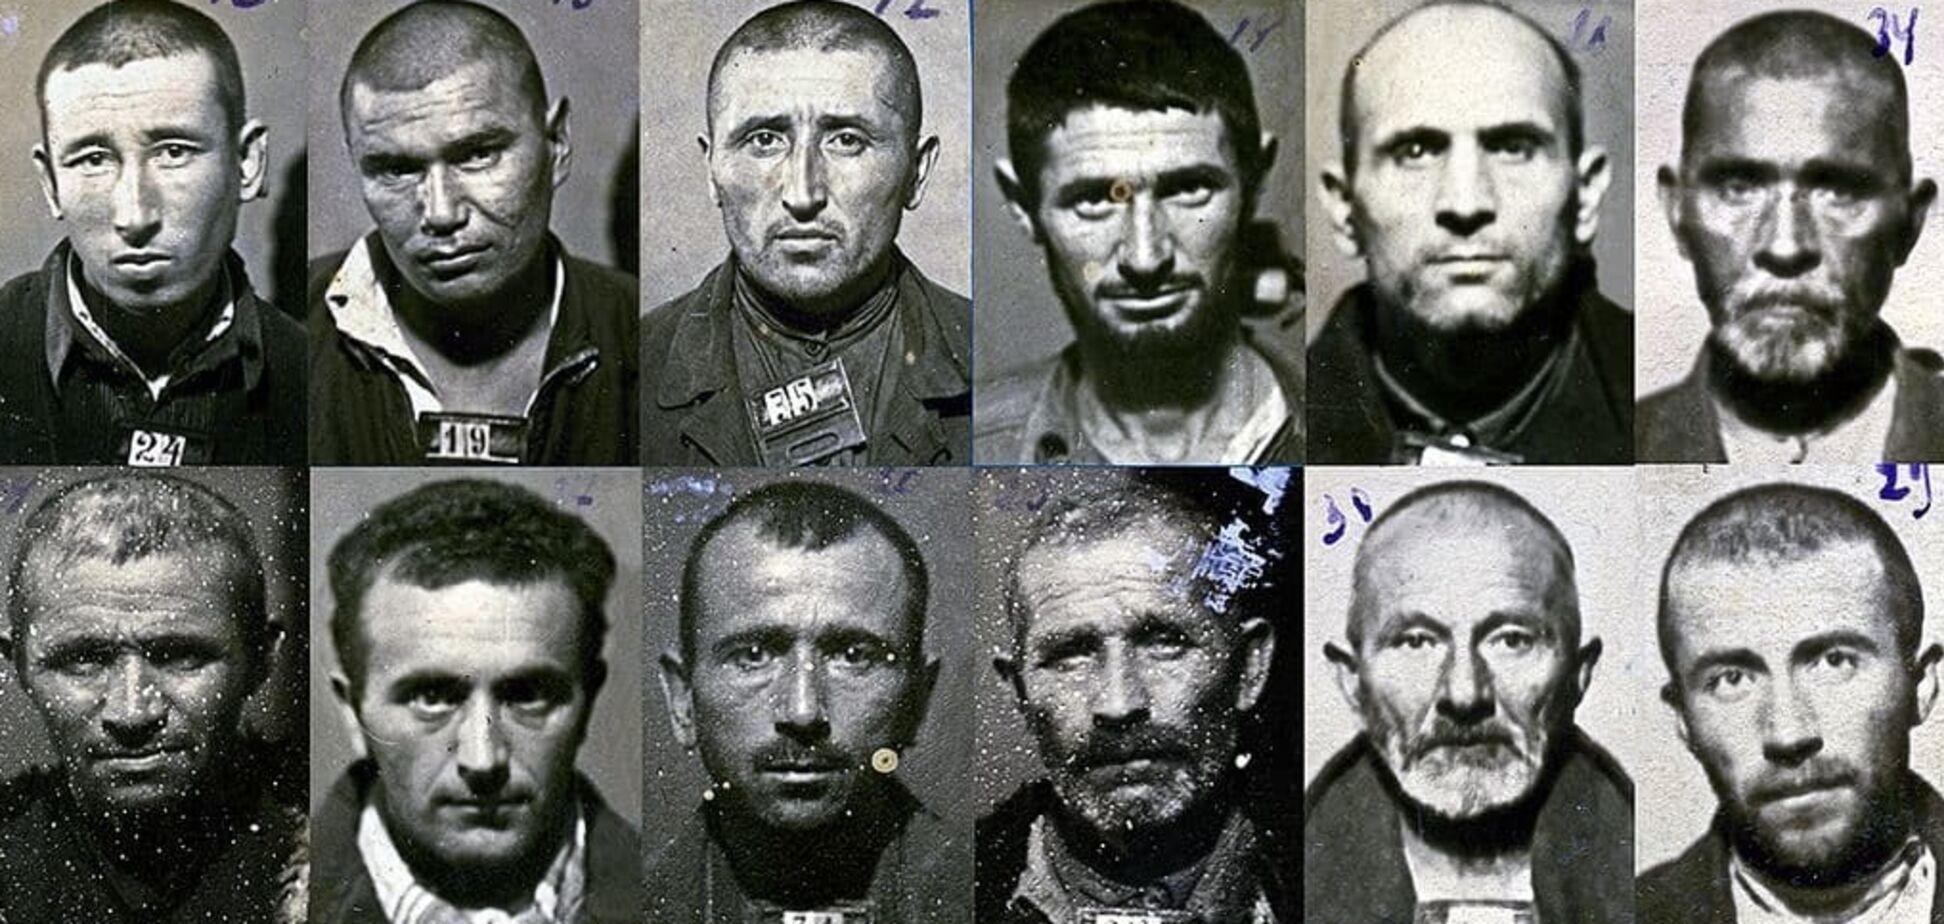 СБУ розсекретила фото розстріляних у 30-х роках кримських татар